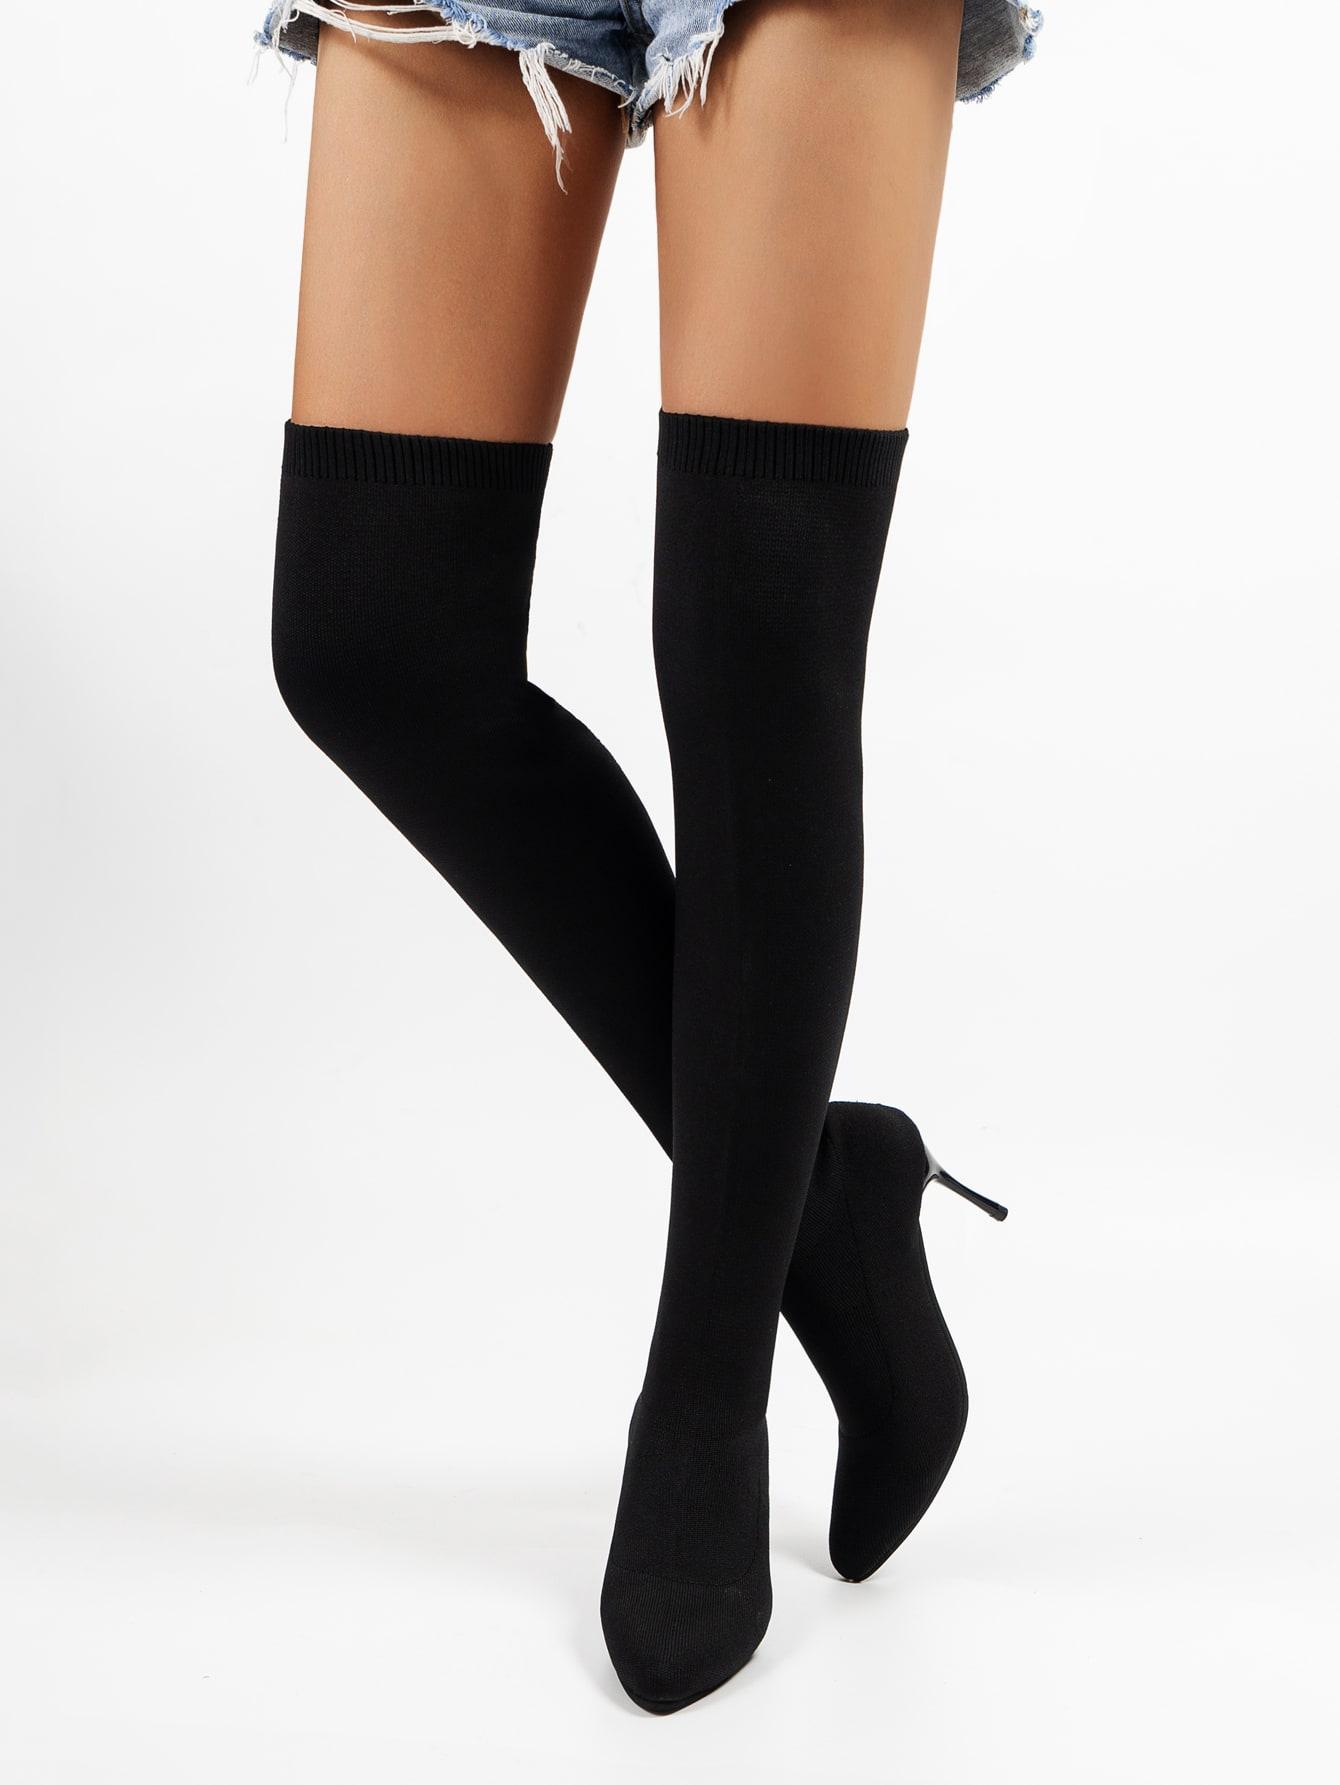 Minimalist Stiletto Heeled Sock Boots